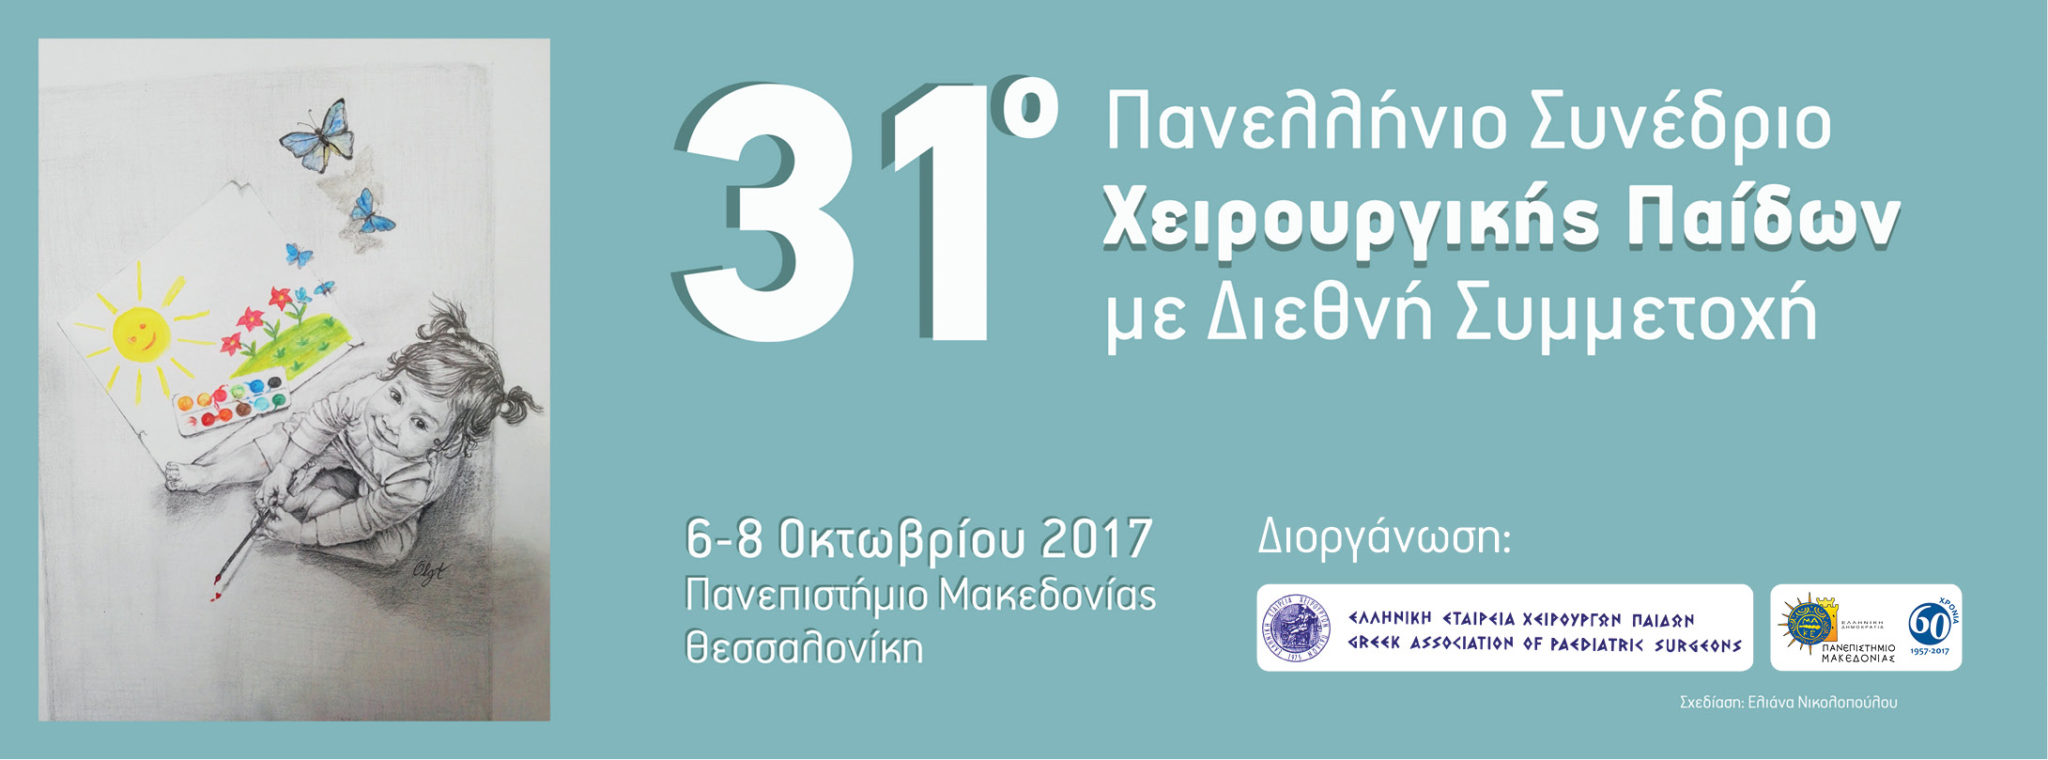 31ο Πανελλήνιο Συνέδριο Χειρουργικής Παίδων με διεθνή συμμετοχή